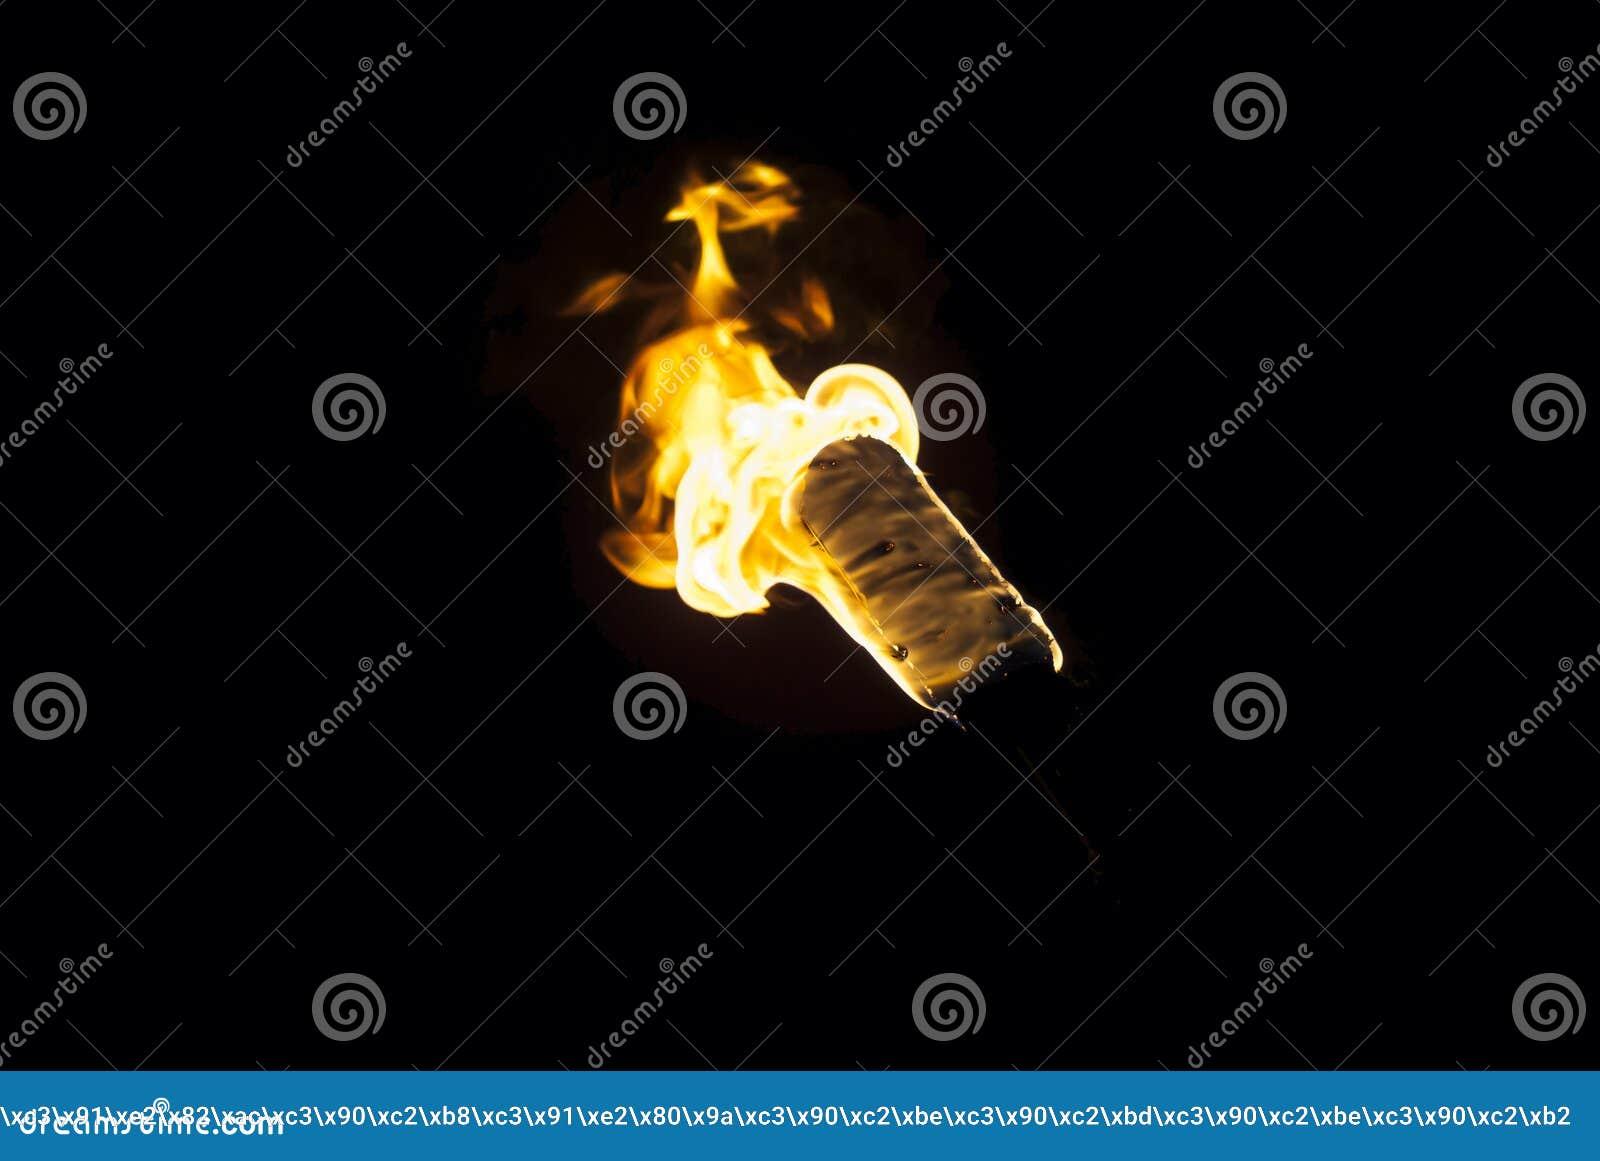 Flamma av en fackla i mörkret